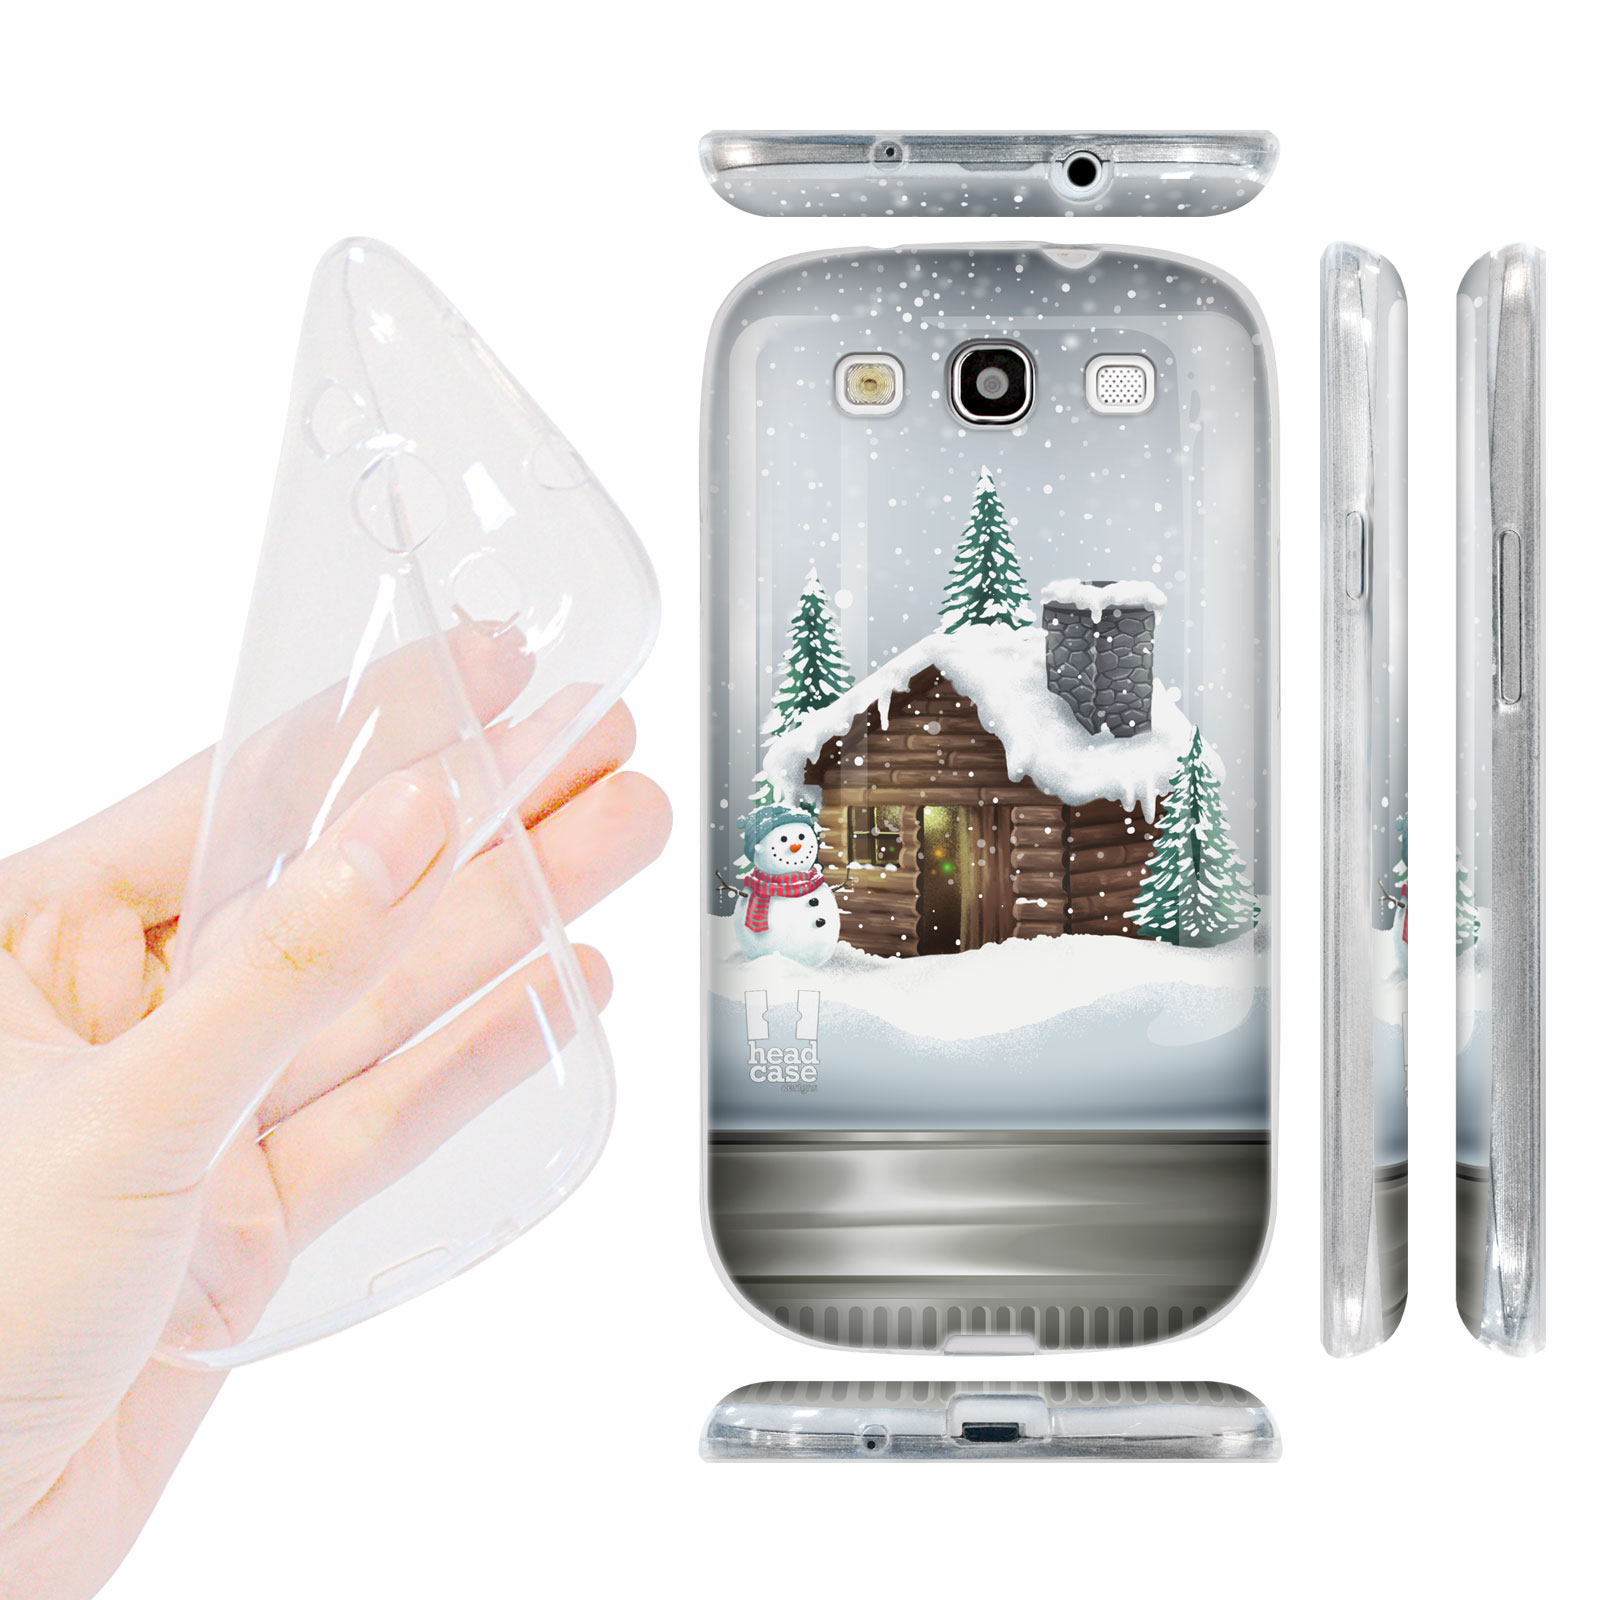 HEAD CASE silikonový obal na mobil Galaxy S3 i9300 Vánoce skleněná koule srub